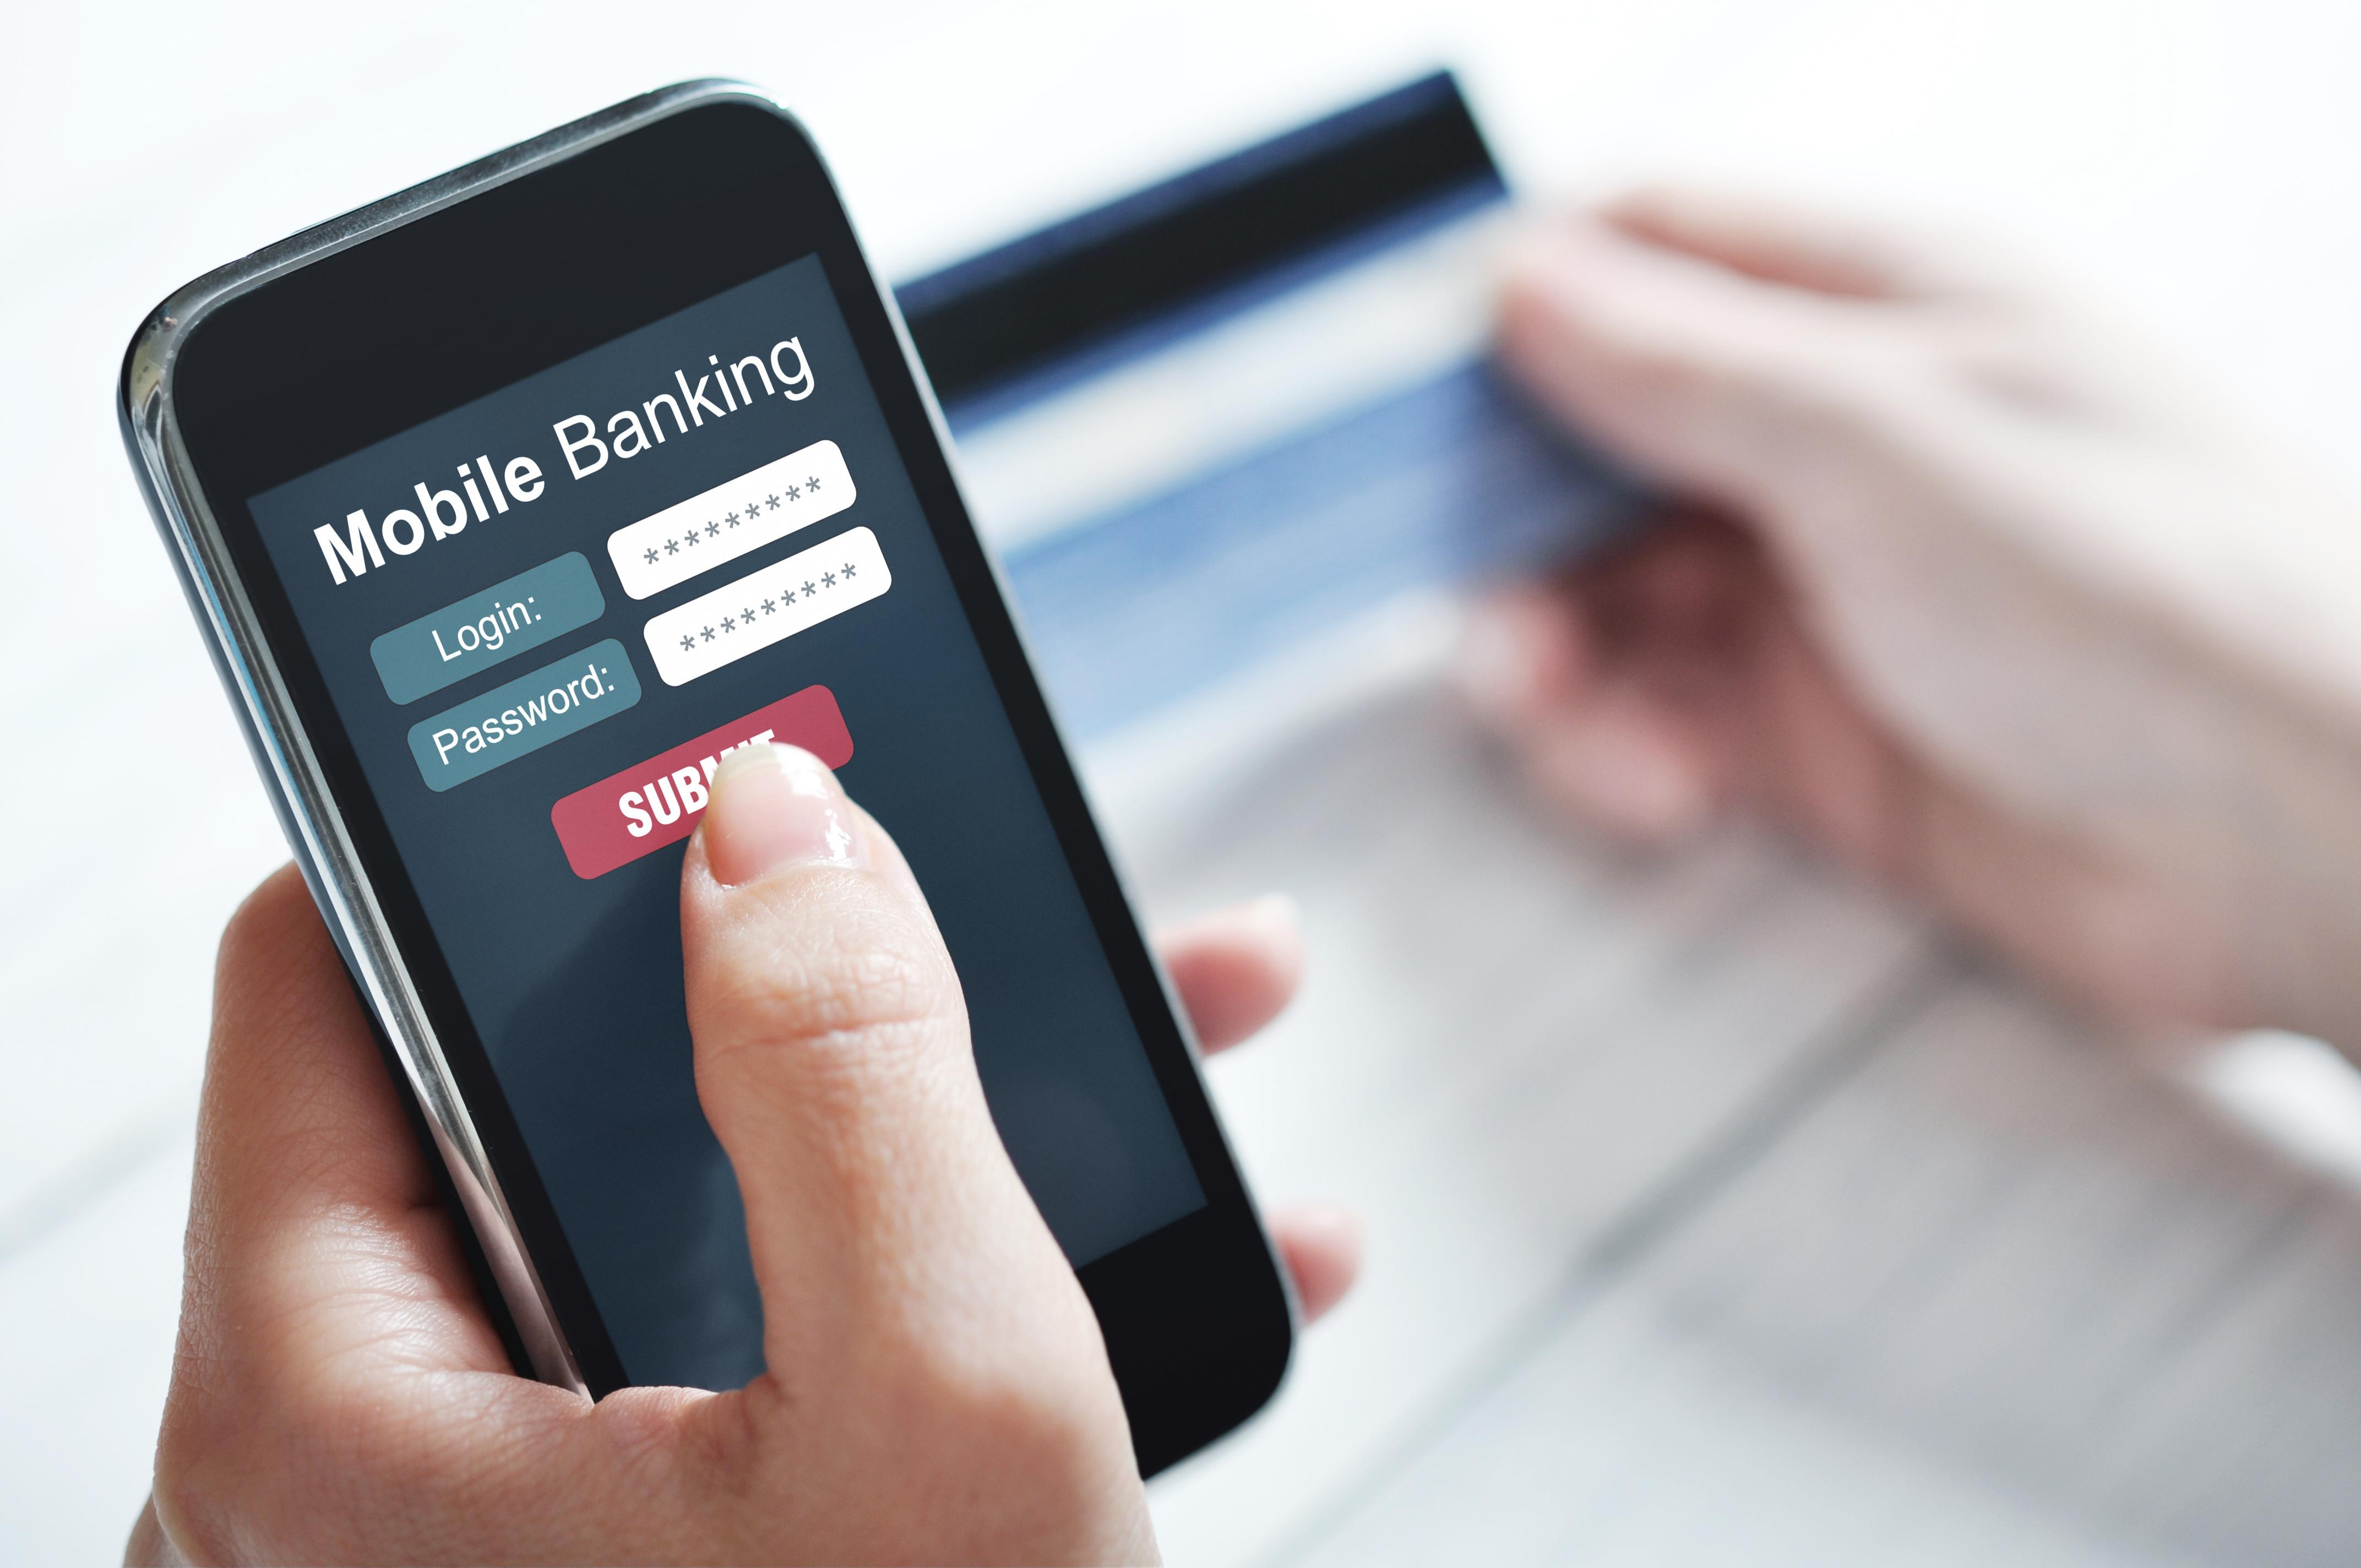 Românii efectuează plăți sau își gestionează banii cu ajutorul dispozitive mobile